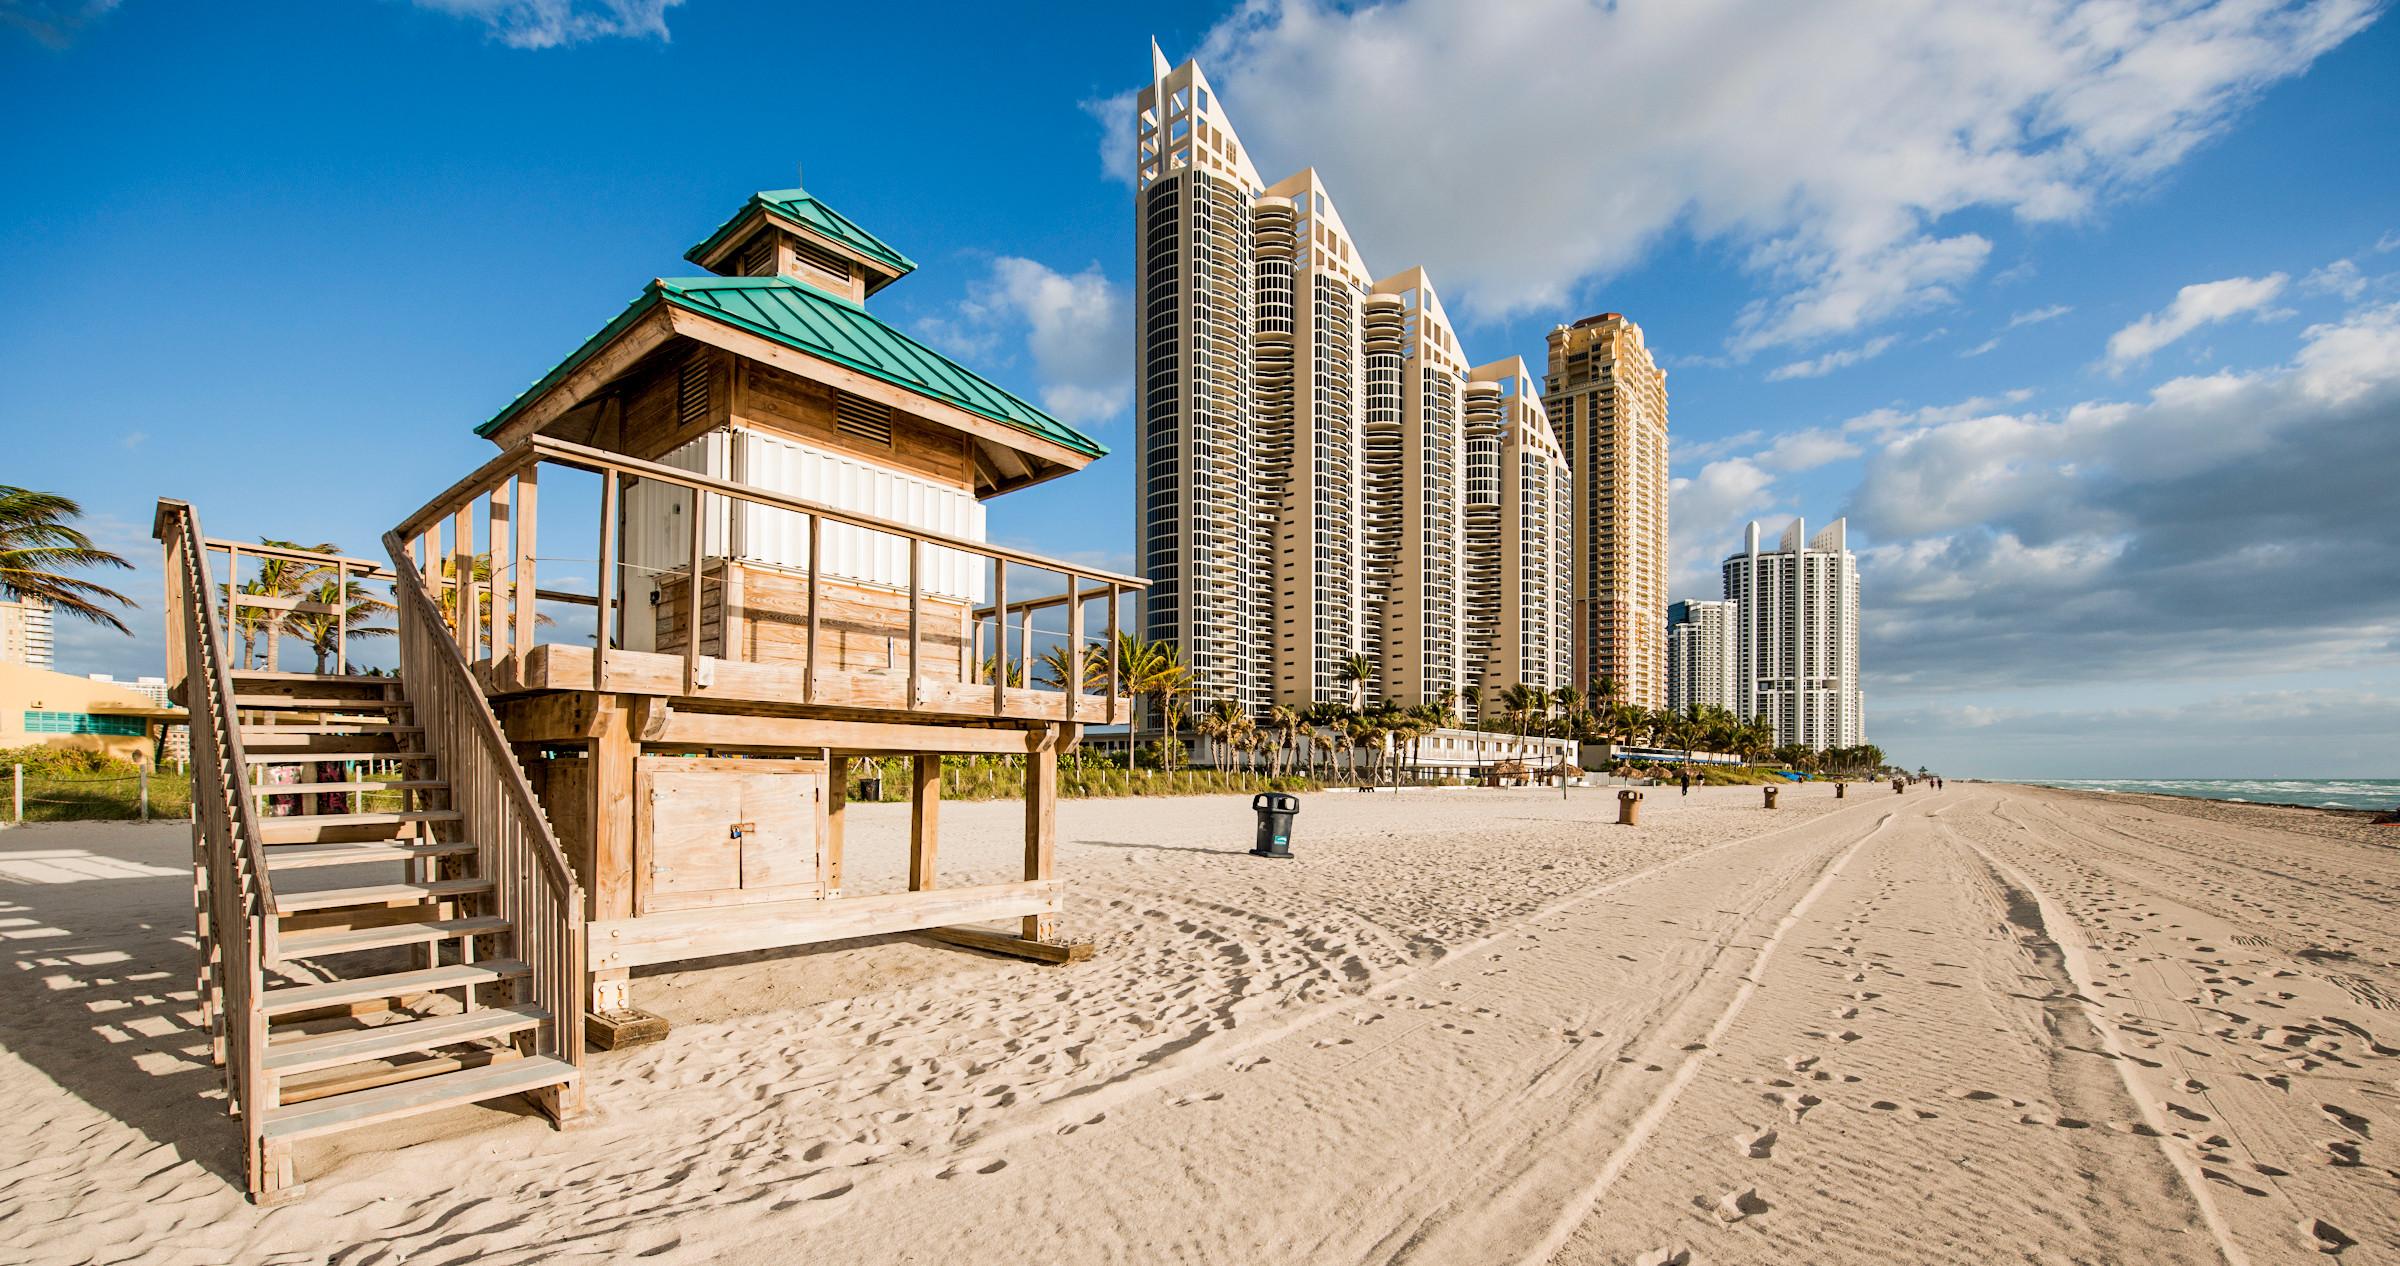 Florida udgør sammen med New York og Californien USA's tre største turistdestinationer. Her er er det Sunny Isles Beach, PR-foto fra The Greater Miami Convention & Visitors Bureau.